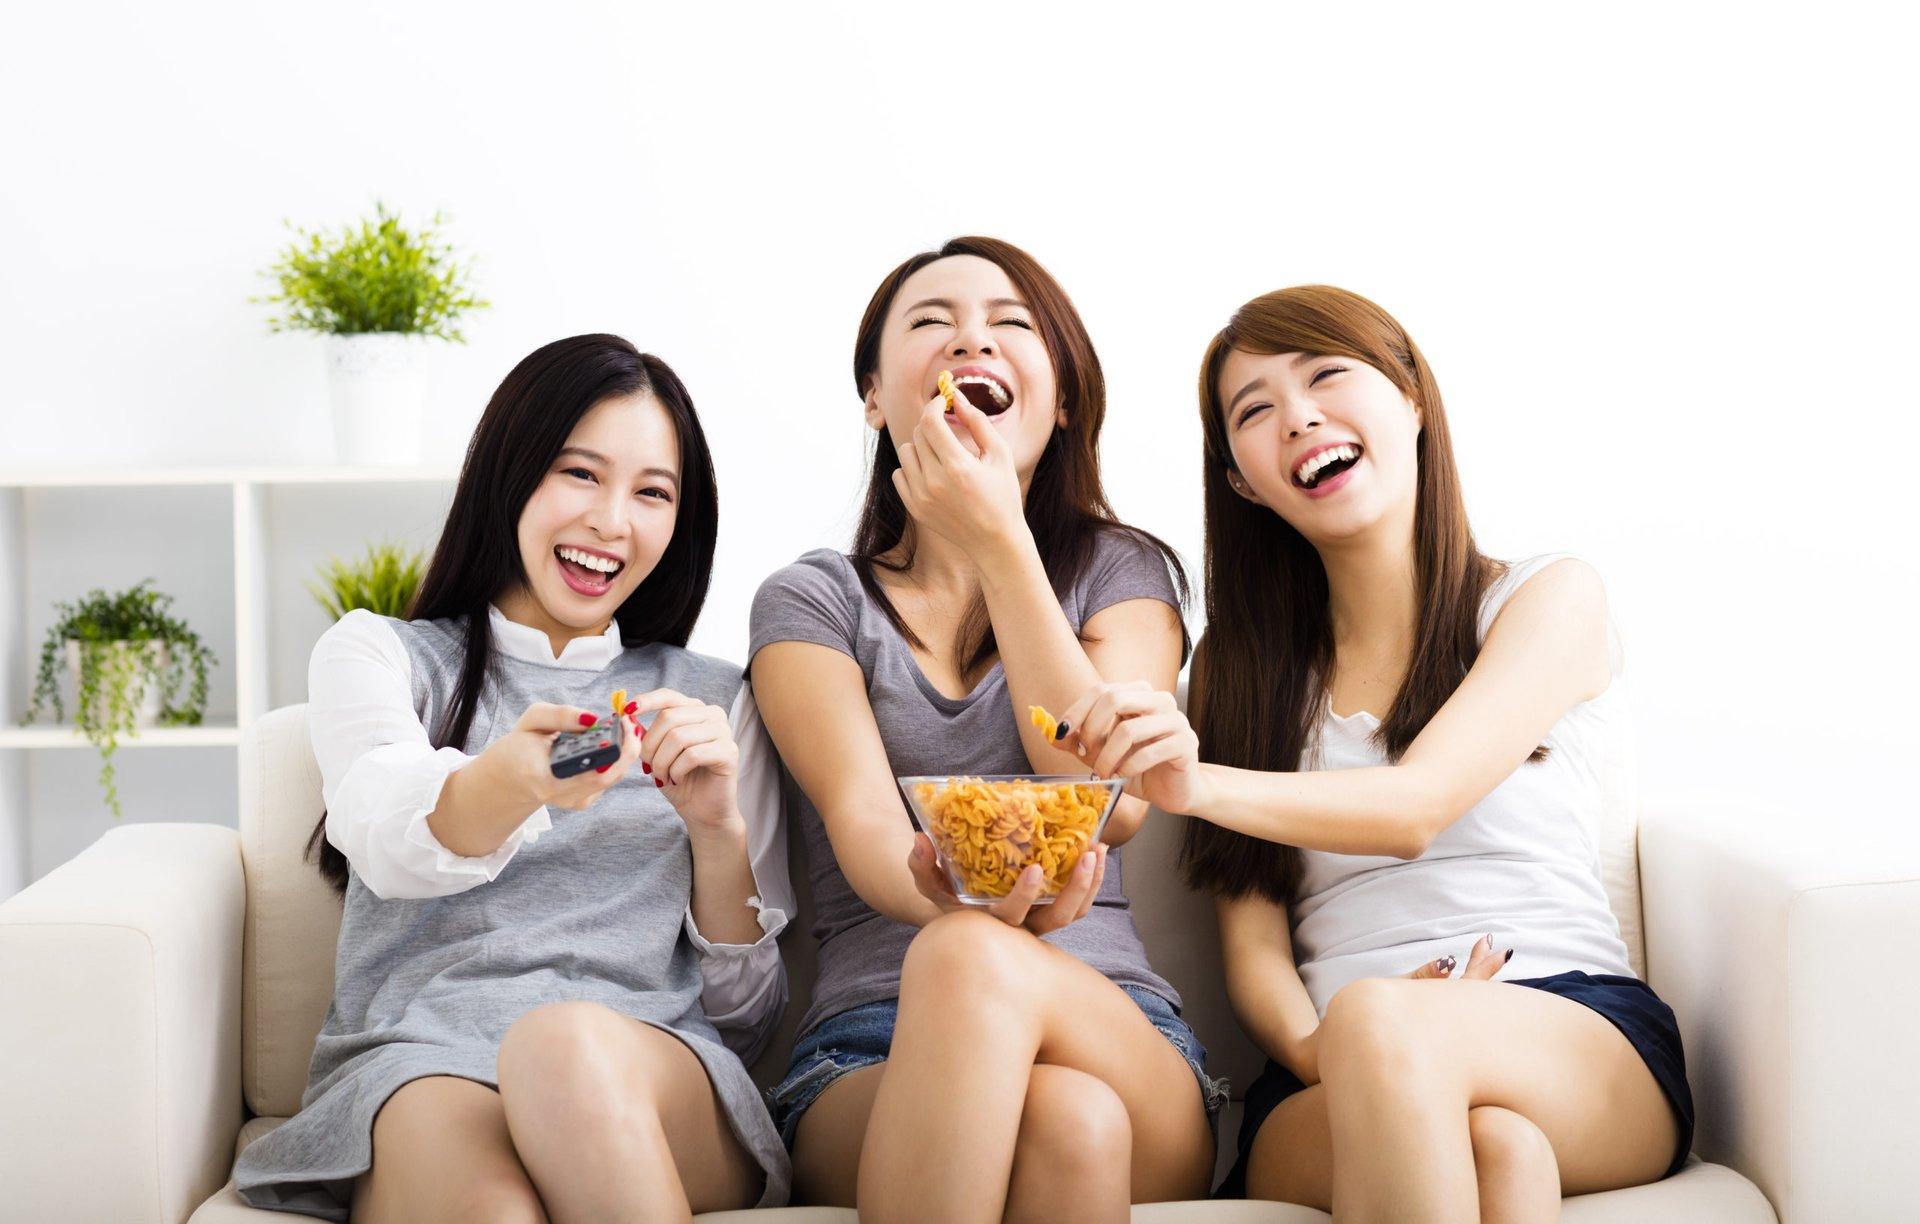 Three women friends watching TV